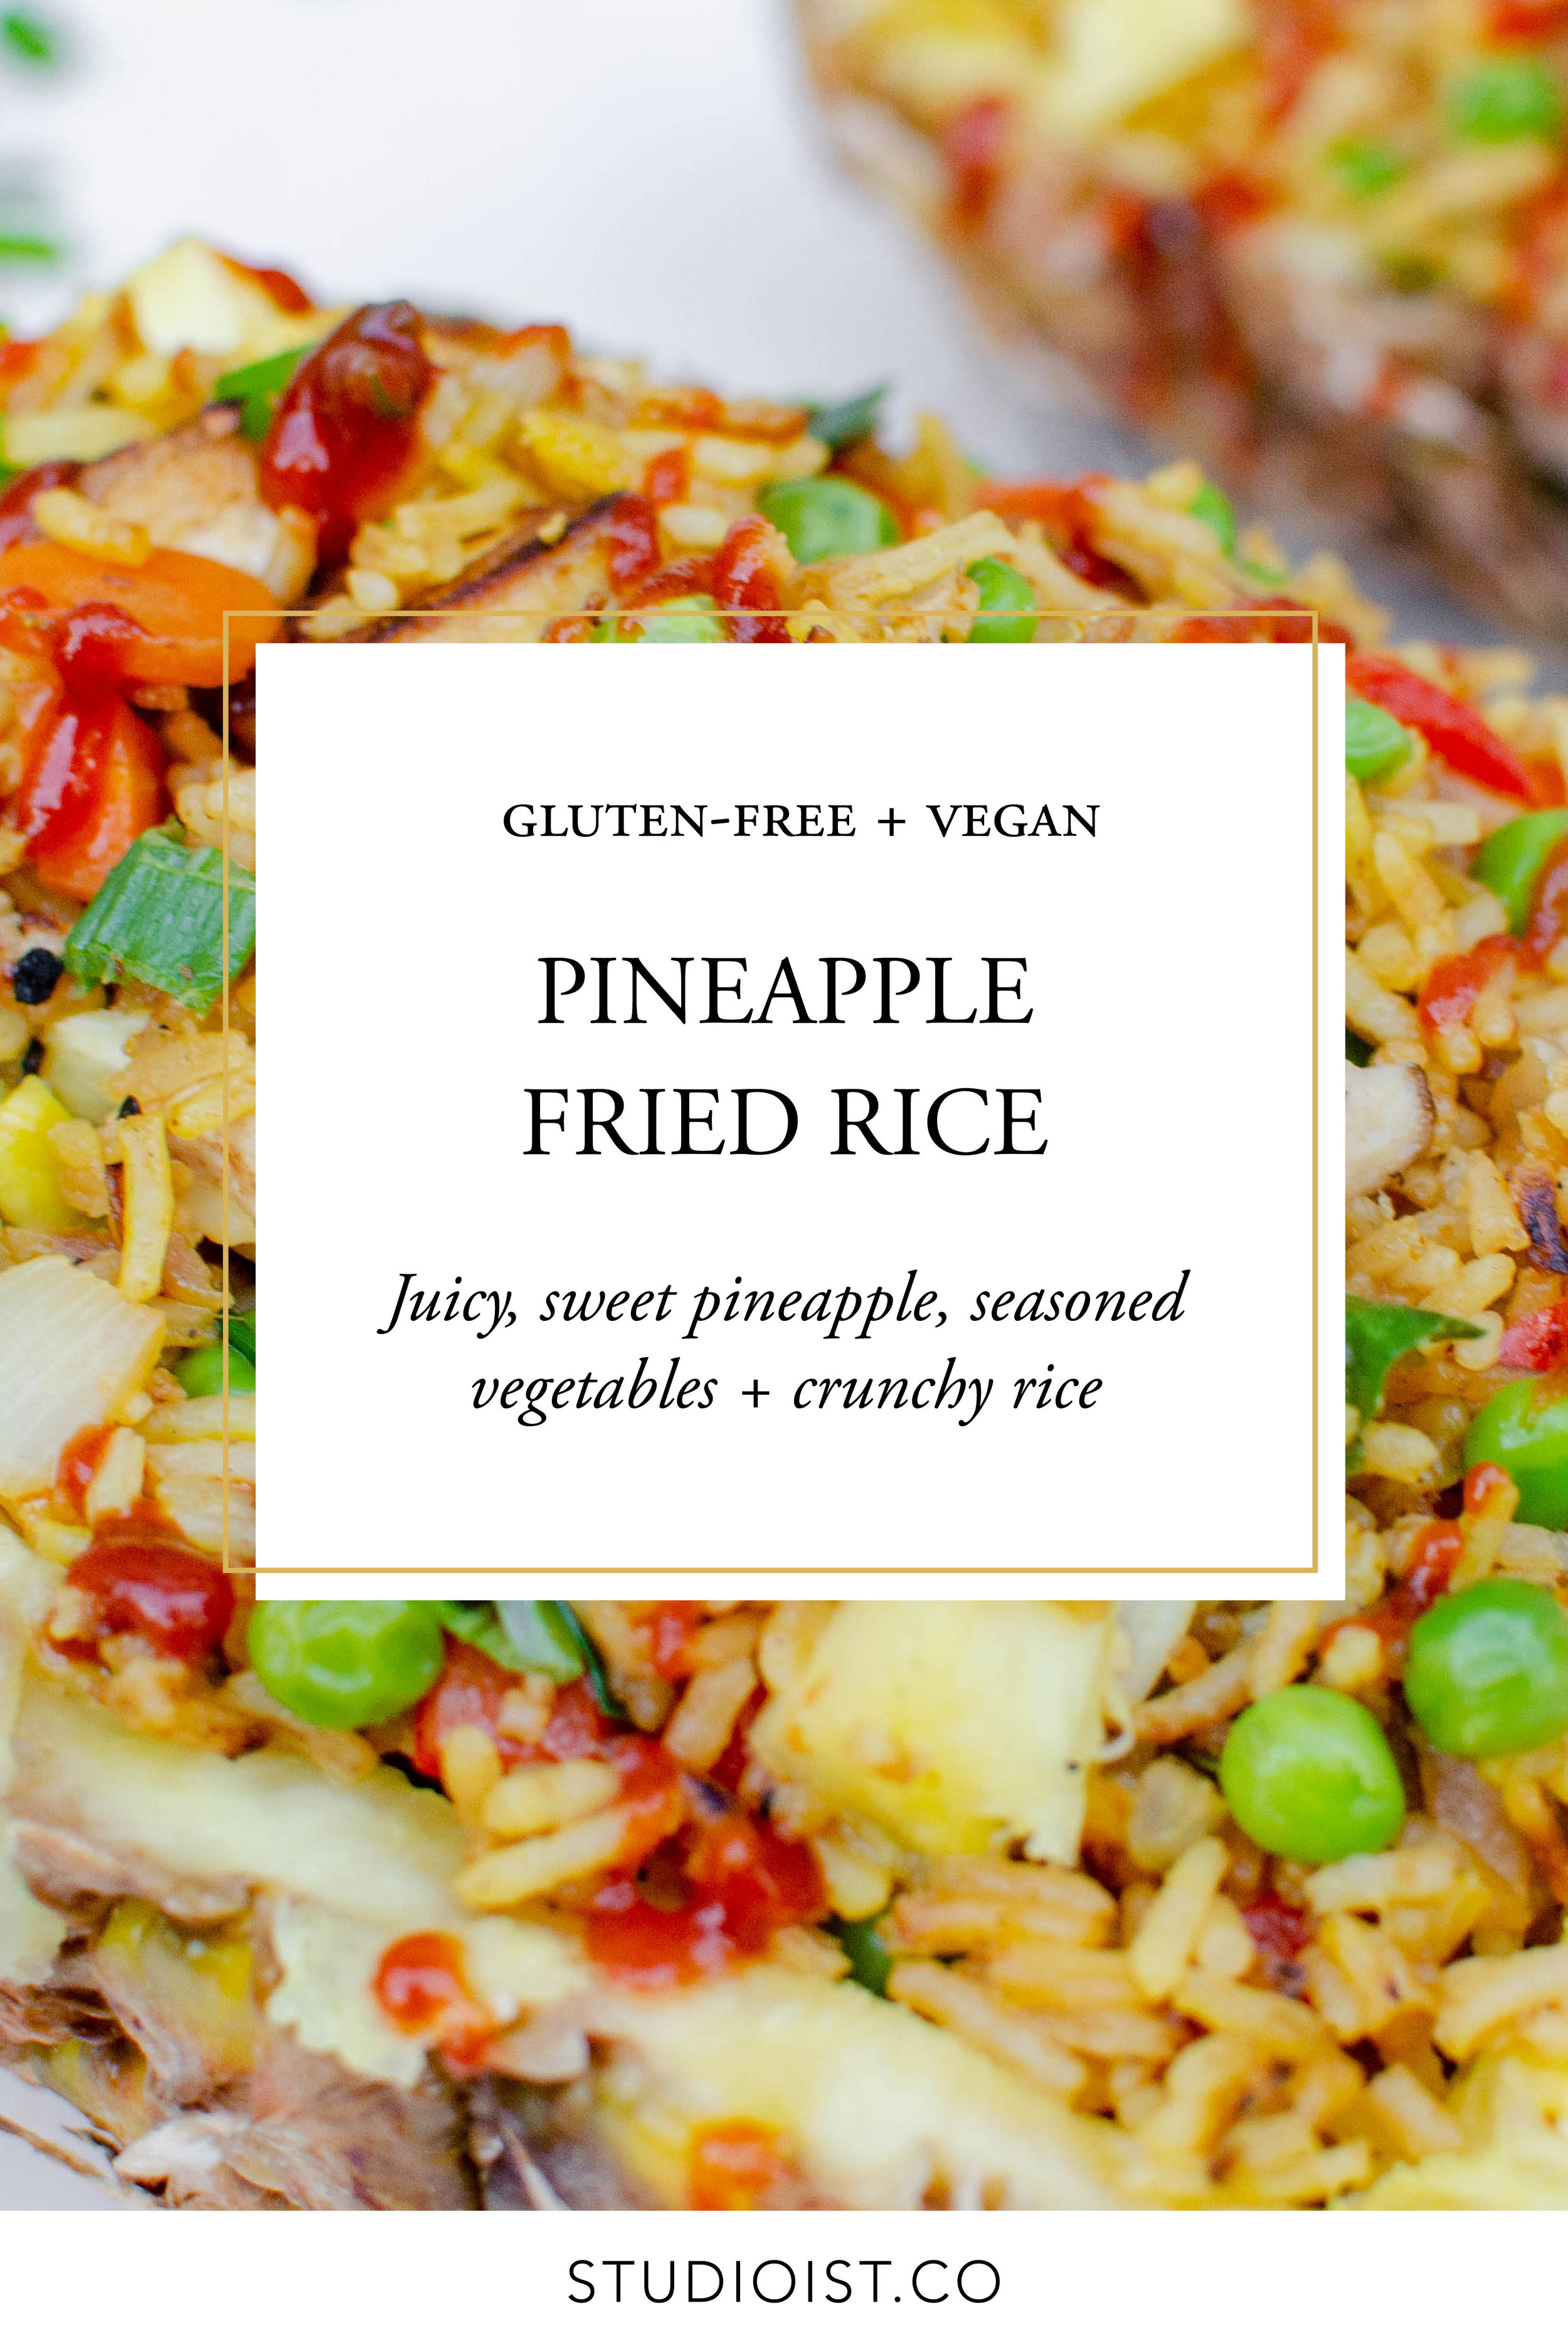 Studioist_Pinterest Design_Pineapple Fried Rice.jpg